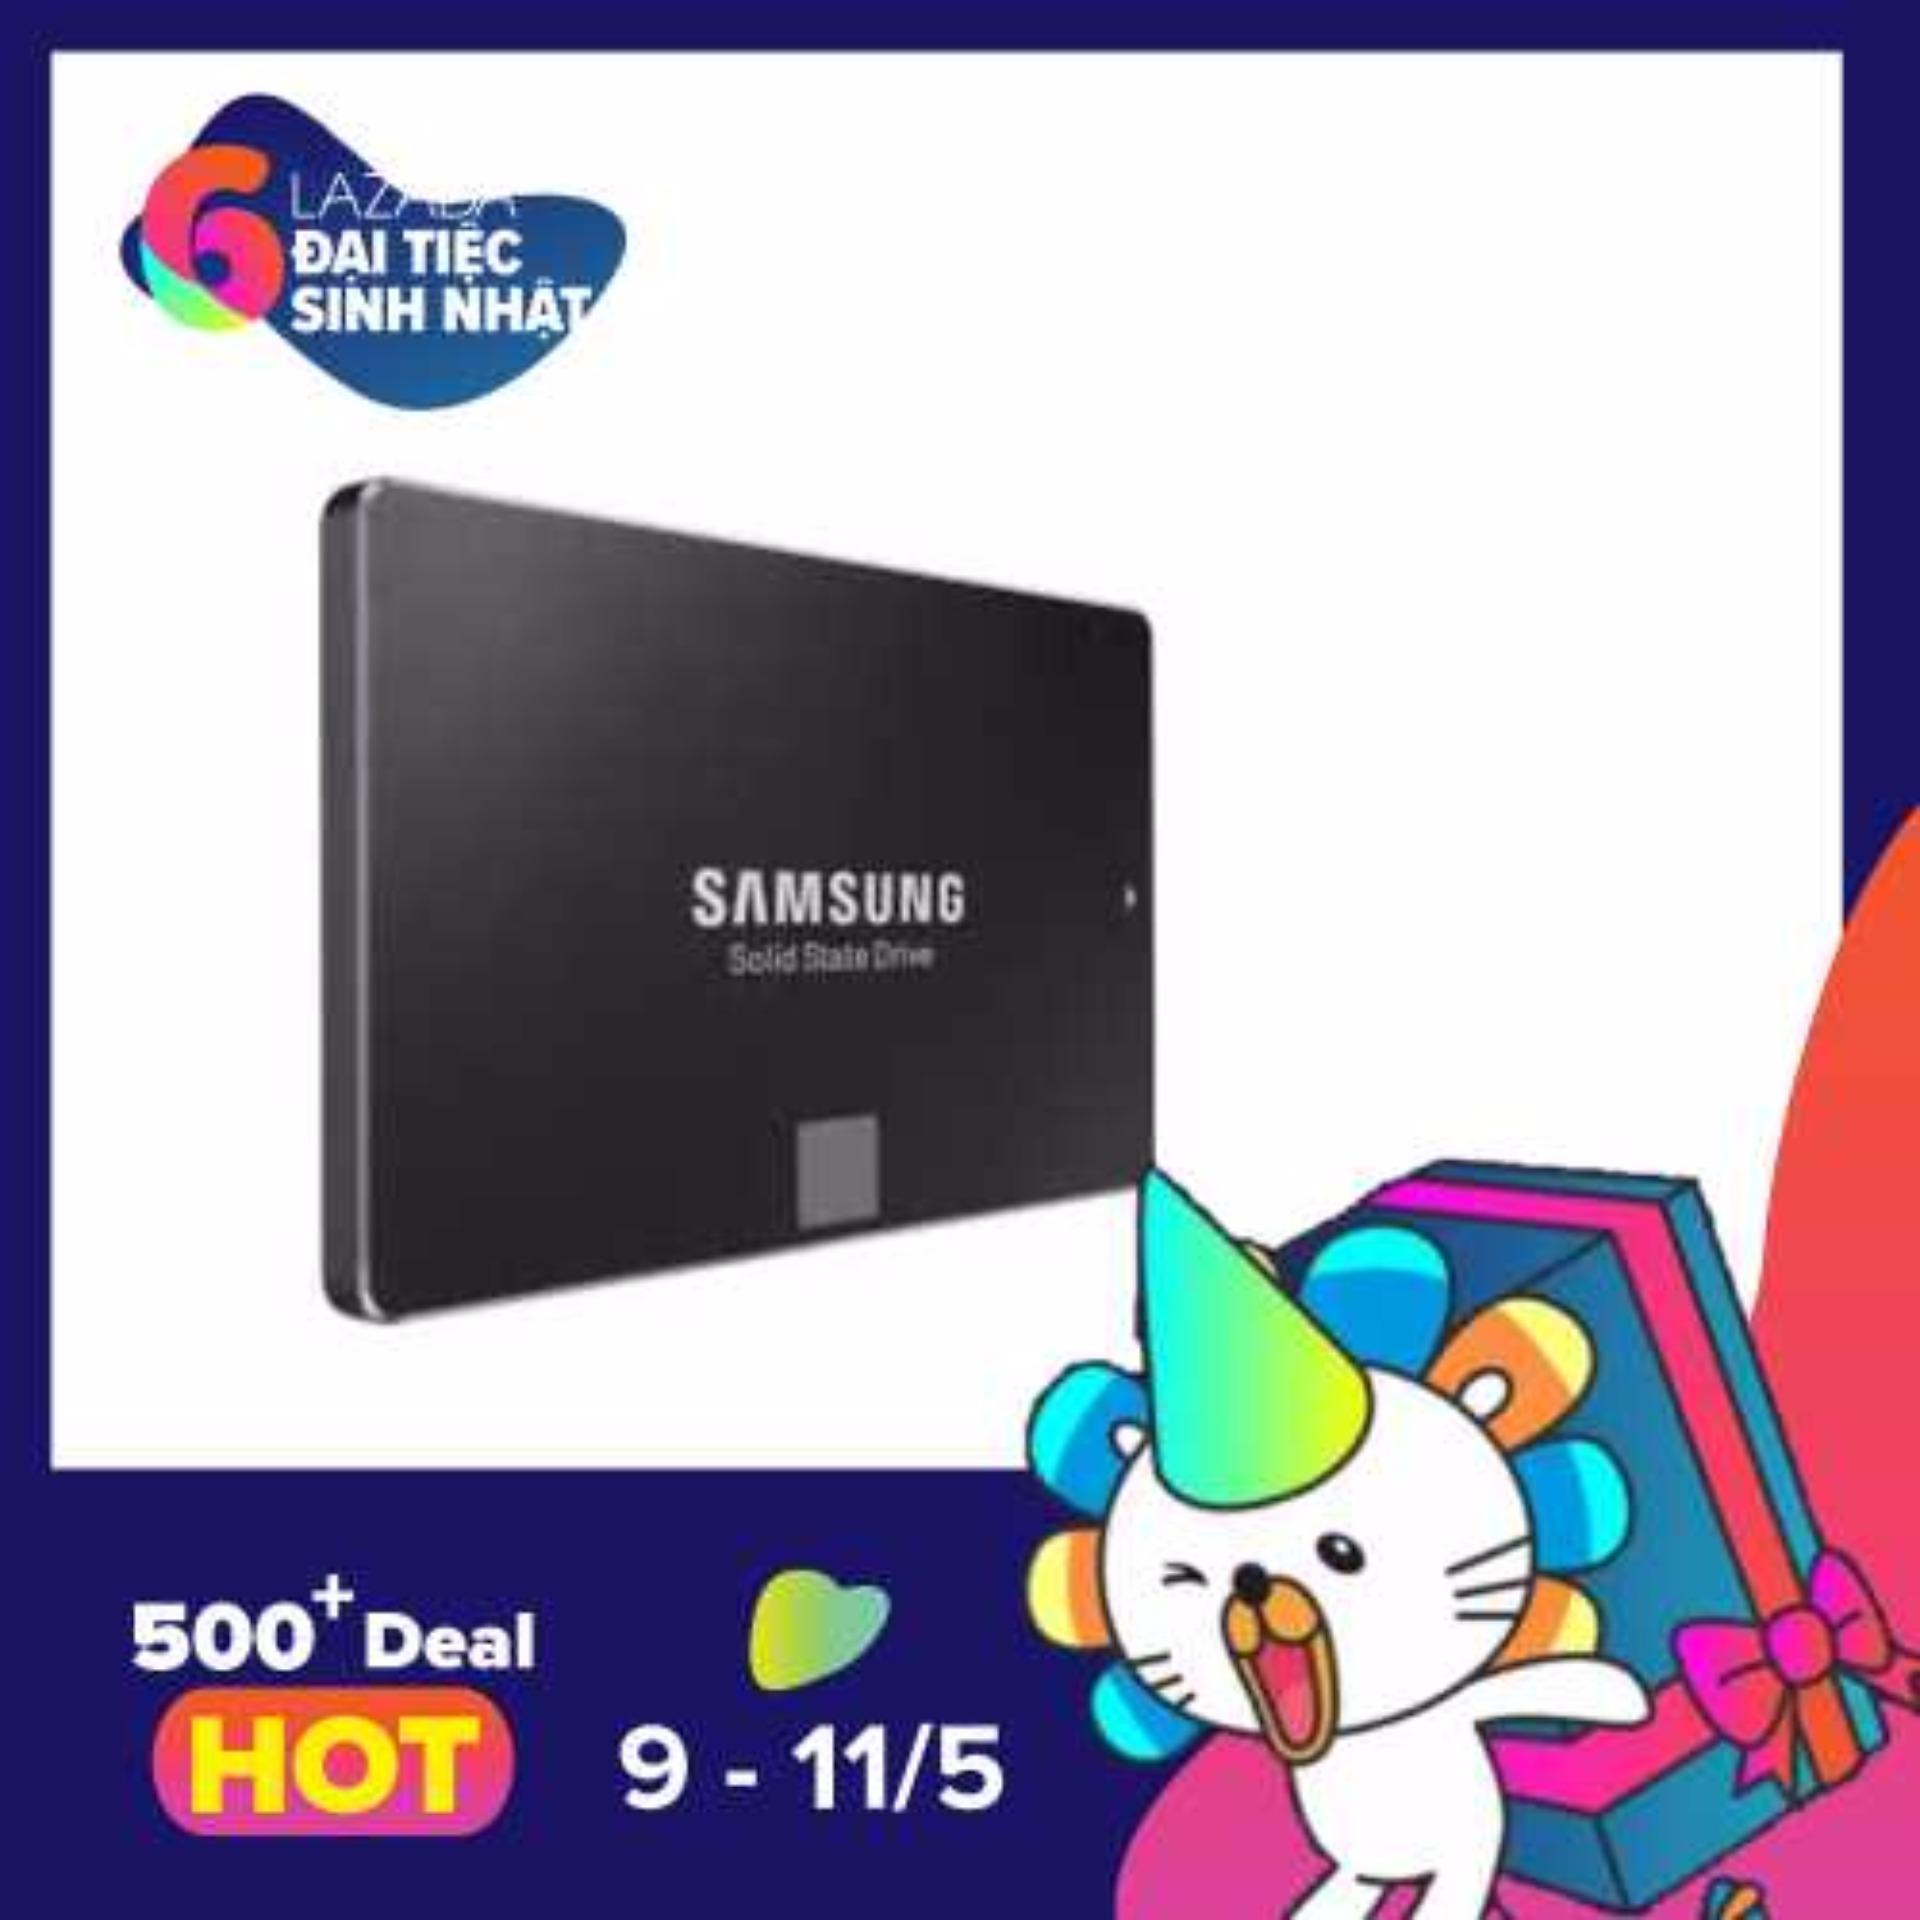 Giá Bán Ổ Cứng Gắn Trong Ssd Samsung 850 Evo Sata Iii 120Gb Fullbox Chinh Hang Trực Tuyến Hà Nội